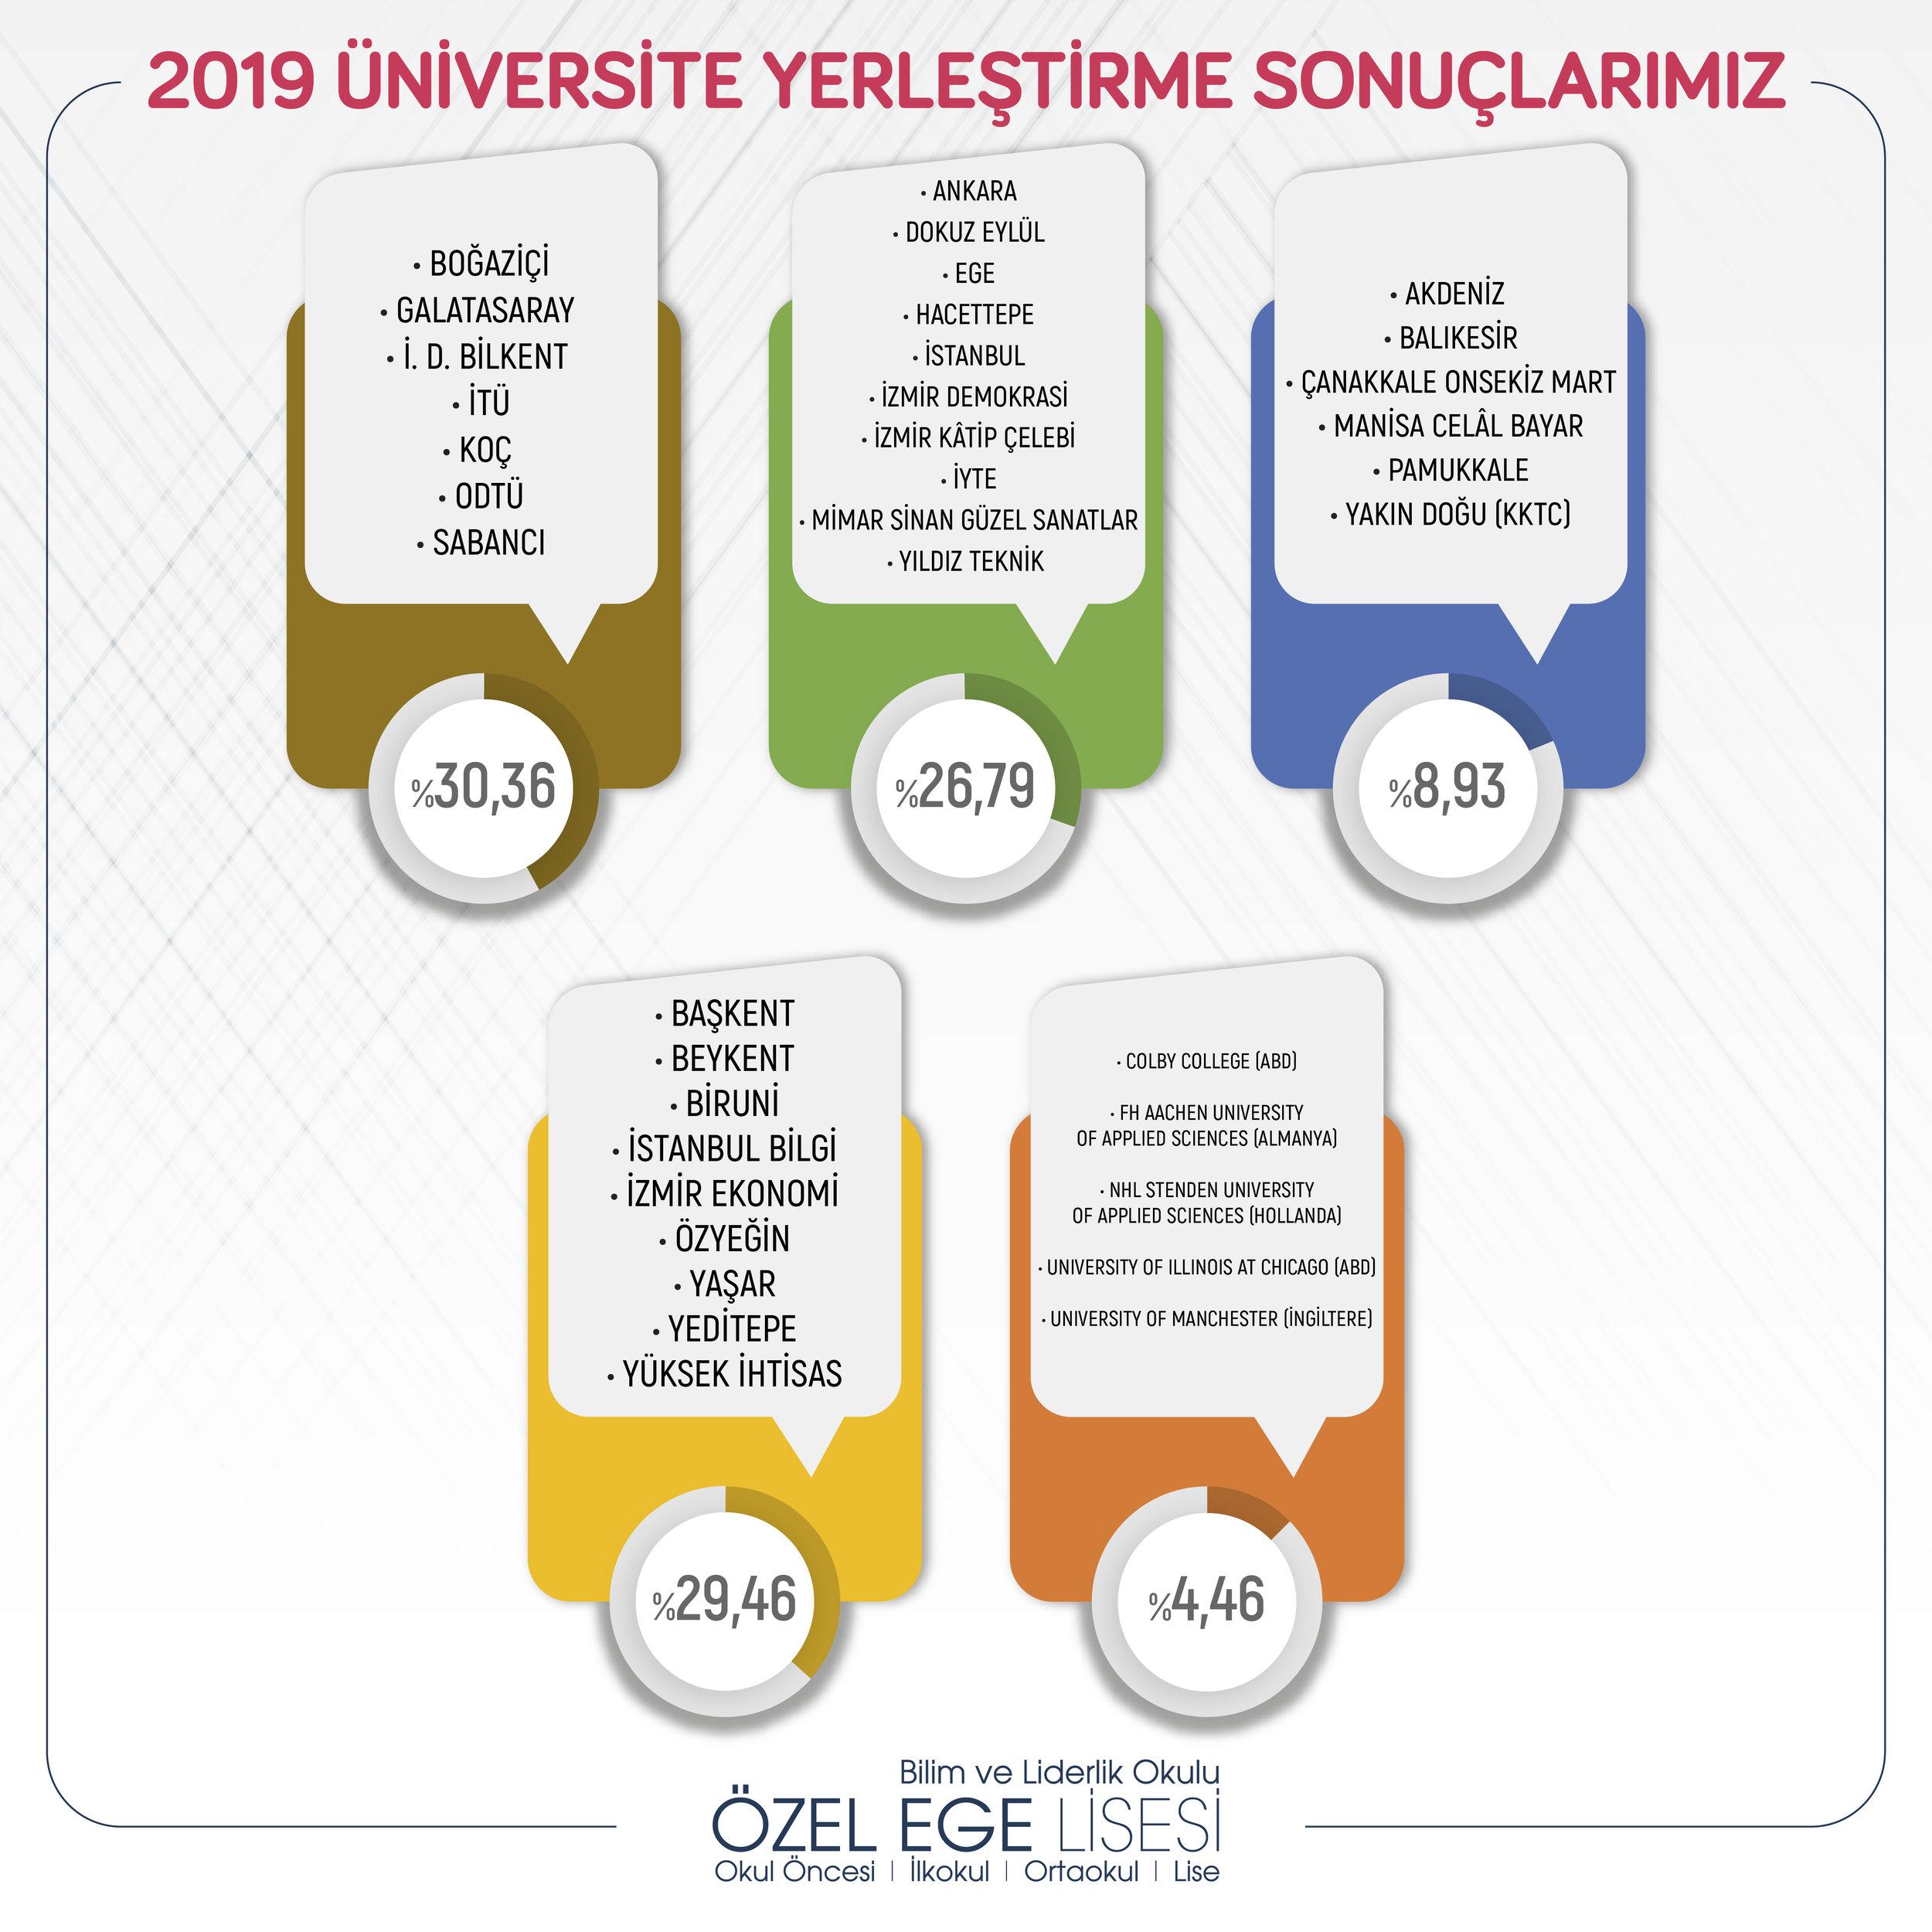 2019 ÖSYM Üniversitelere Göre Yerleştirme Oranları.jpg